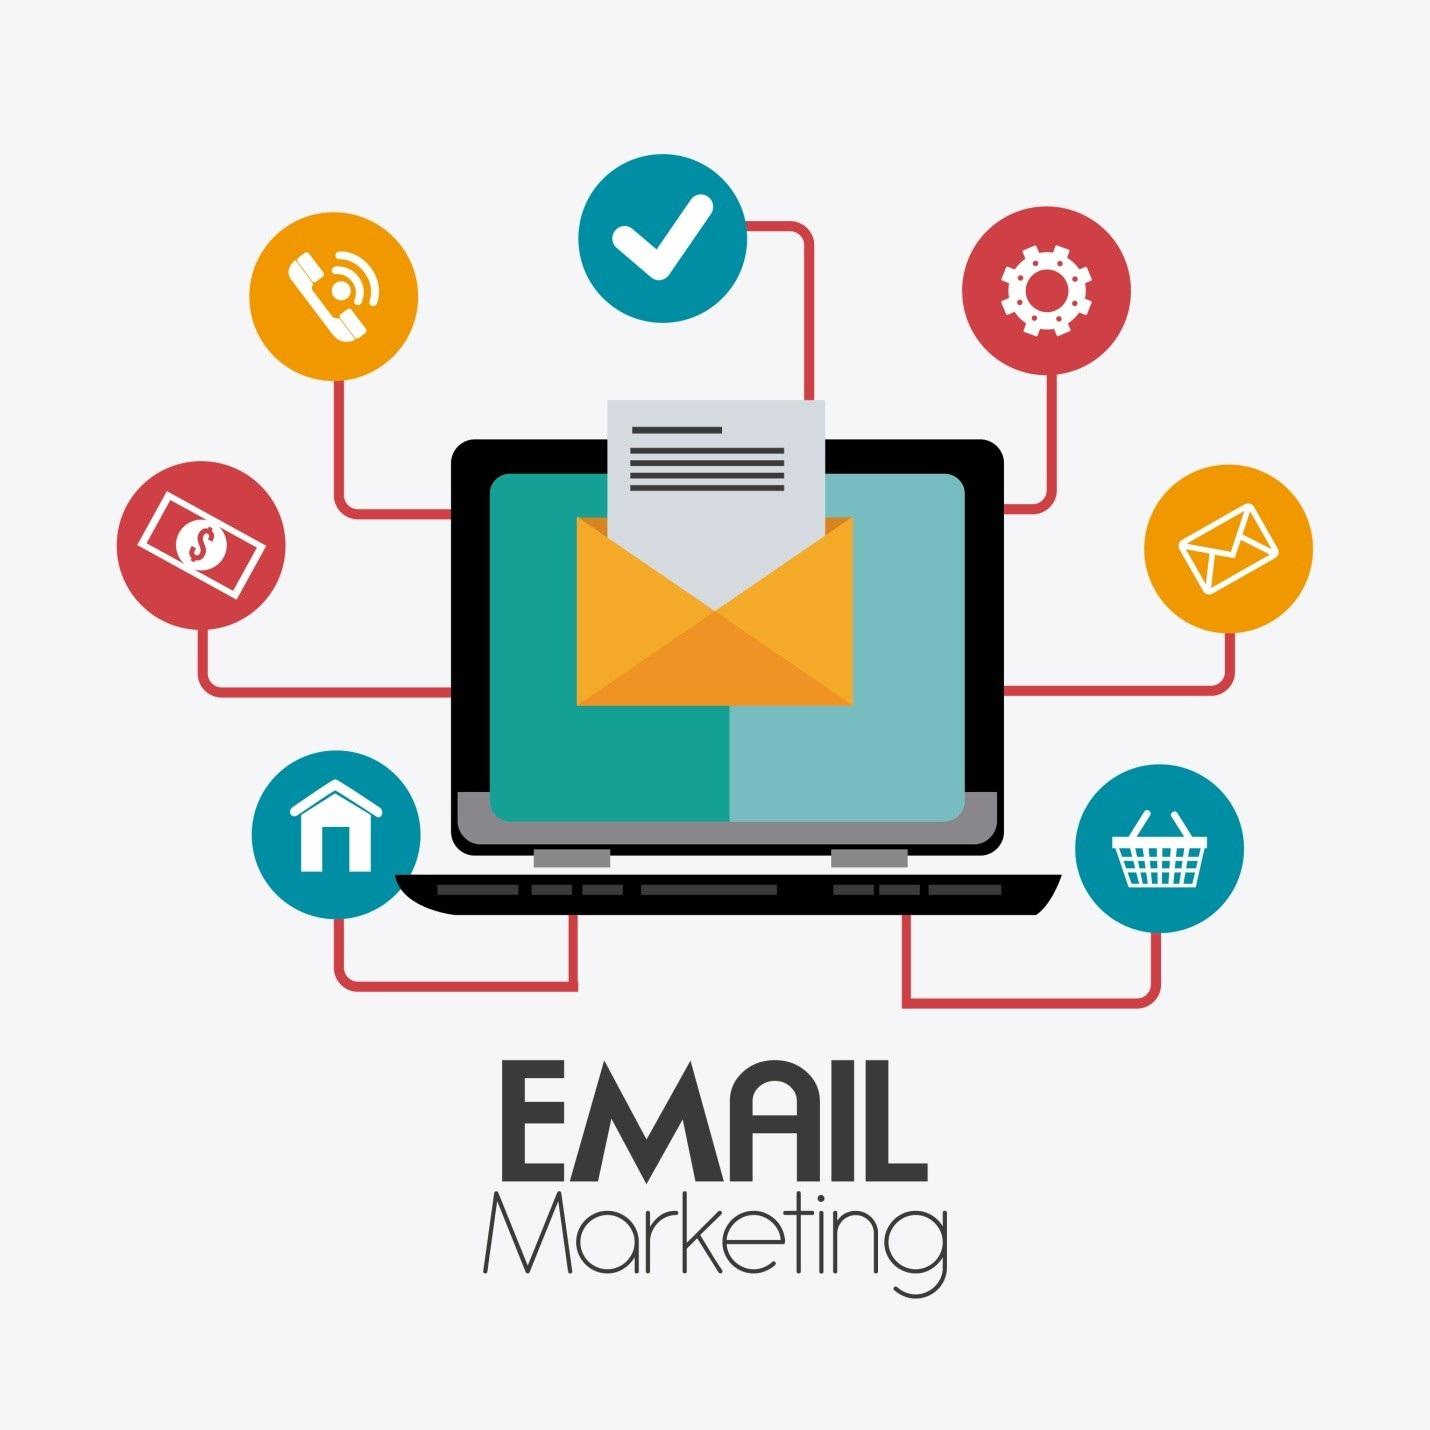 Hình 1: Email Marketing giúp giữ chân khách hàng hiệu quả